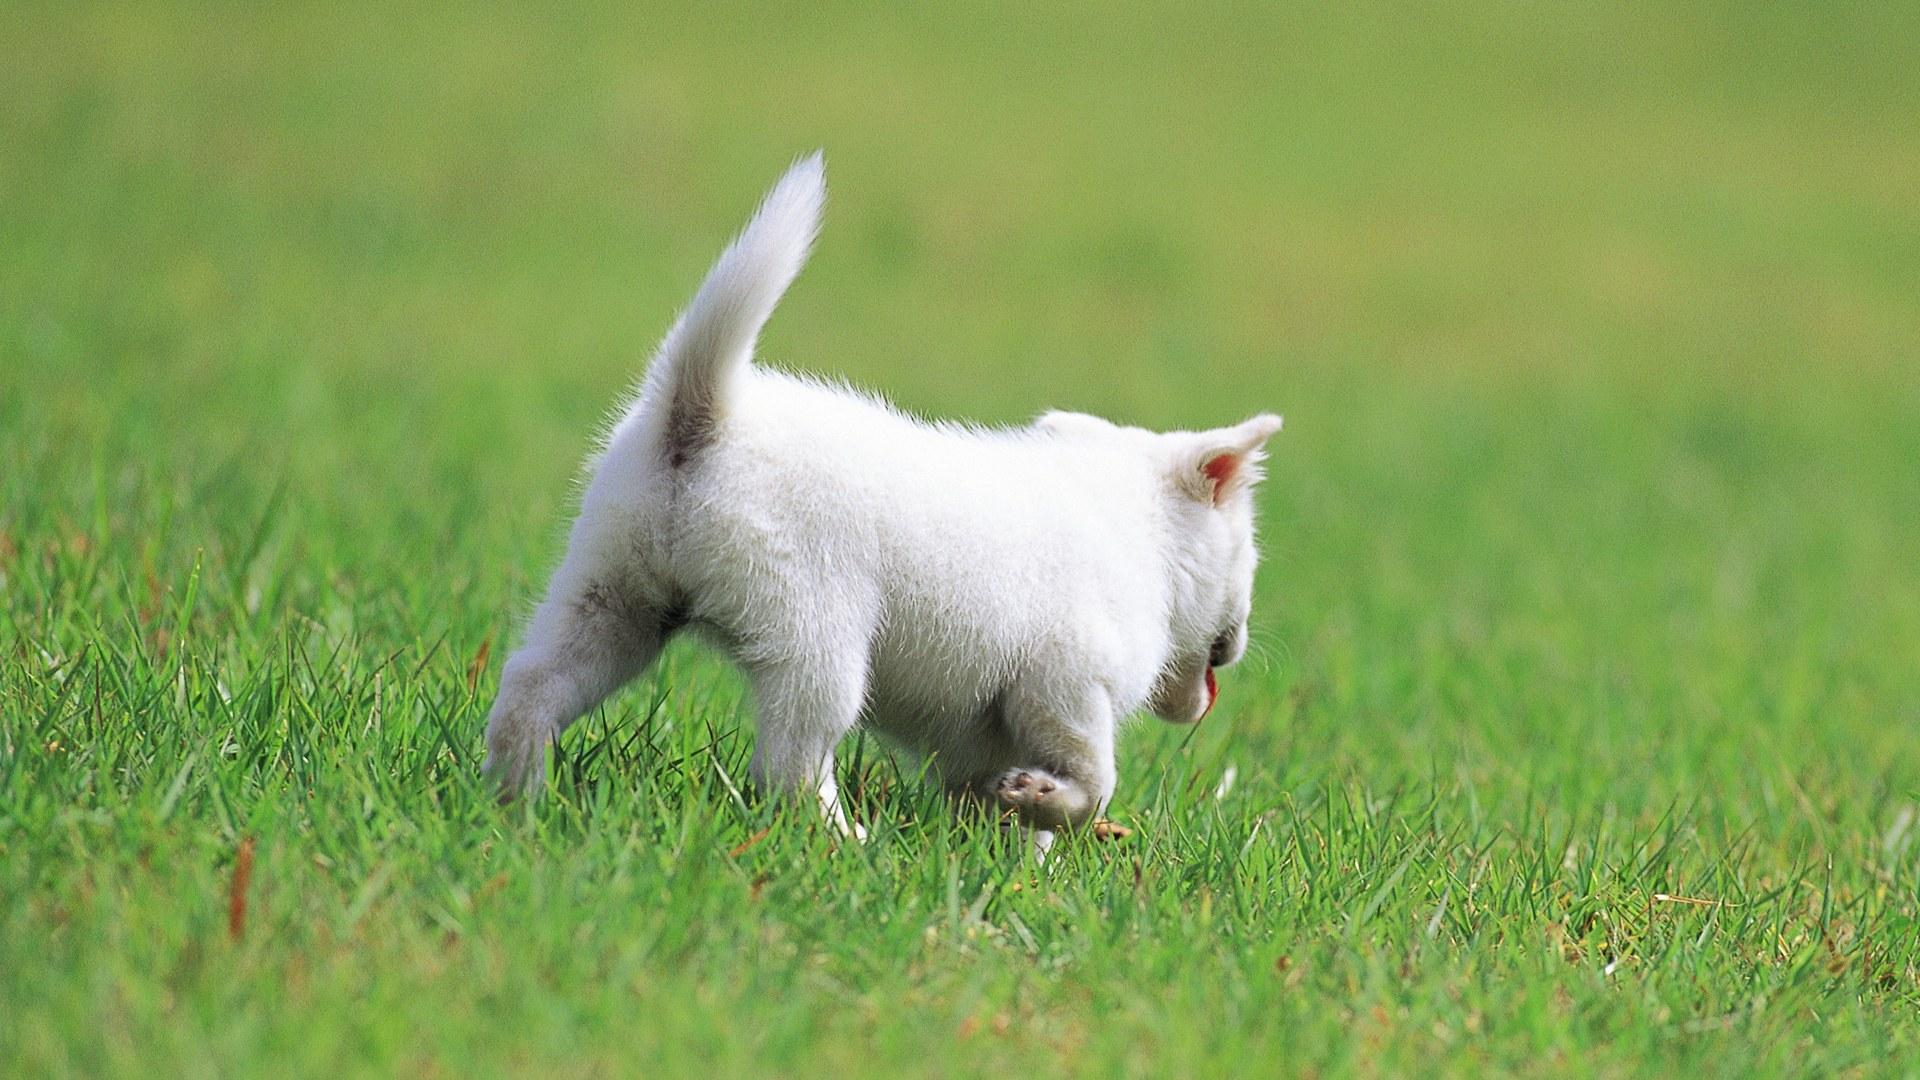 小狗狗动物高清电脑桌面壁纸5动物宽屏壁纸下载